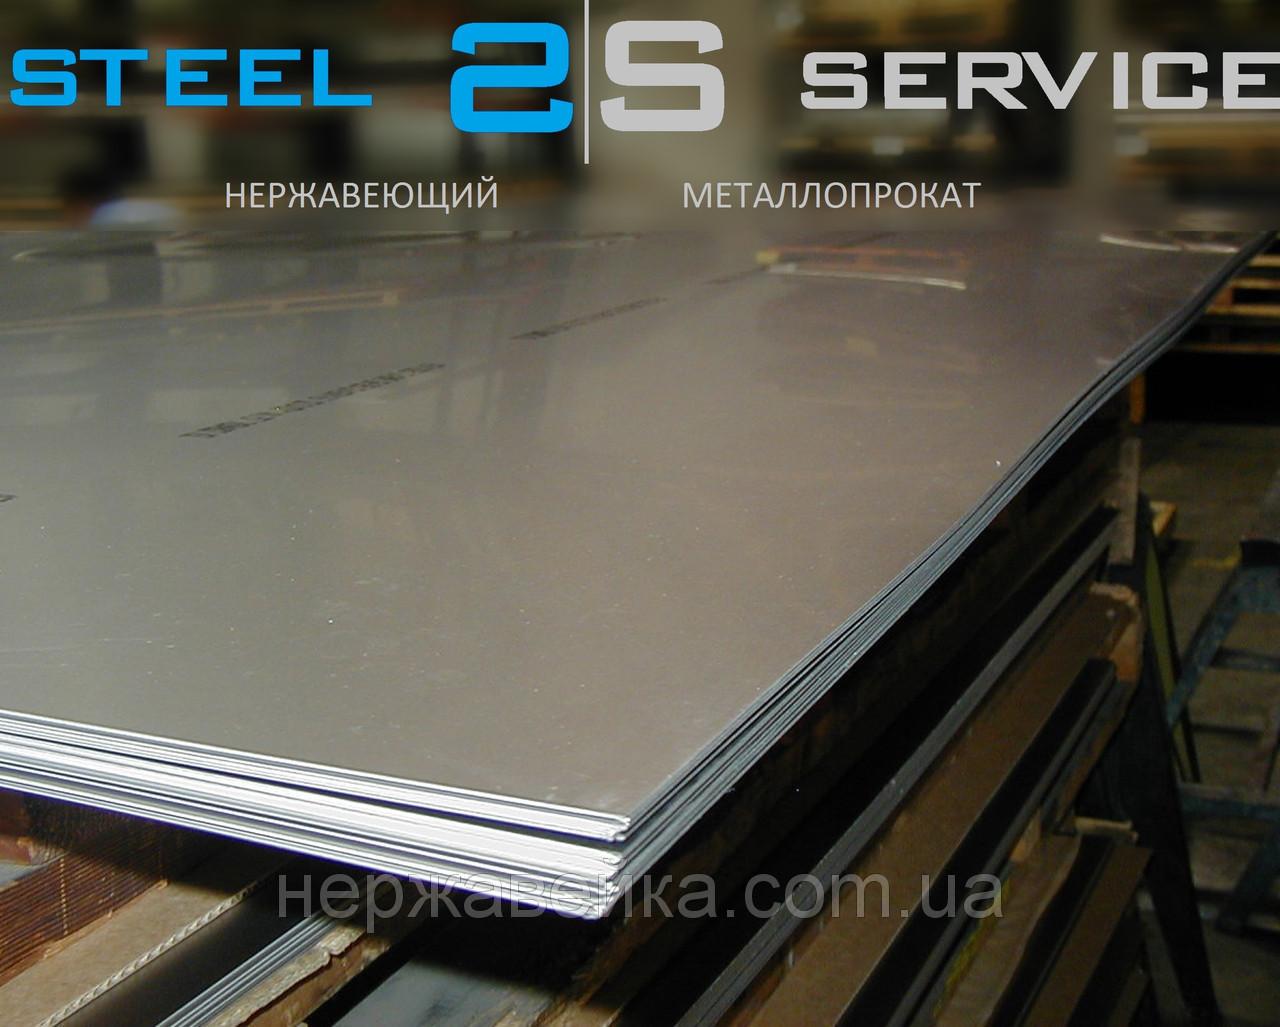 Нержавейка лист 10х1500х6000мм  AISI 304(08Х18Н10) F1 - горячекатанный,  пищевой